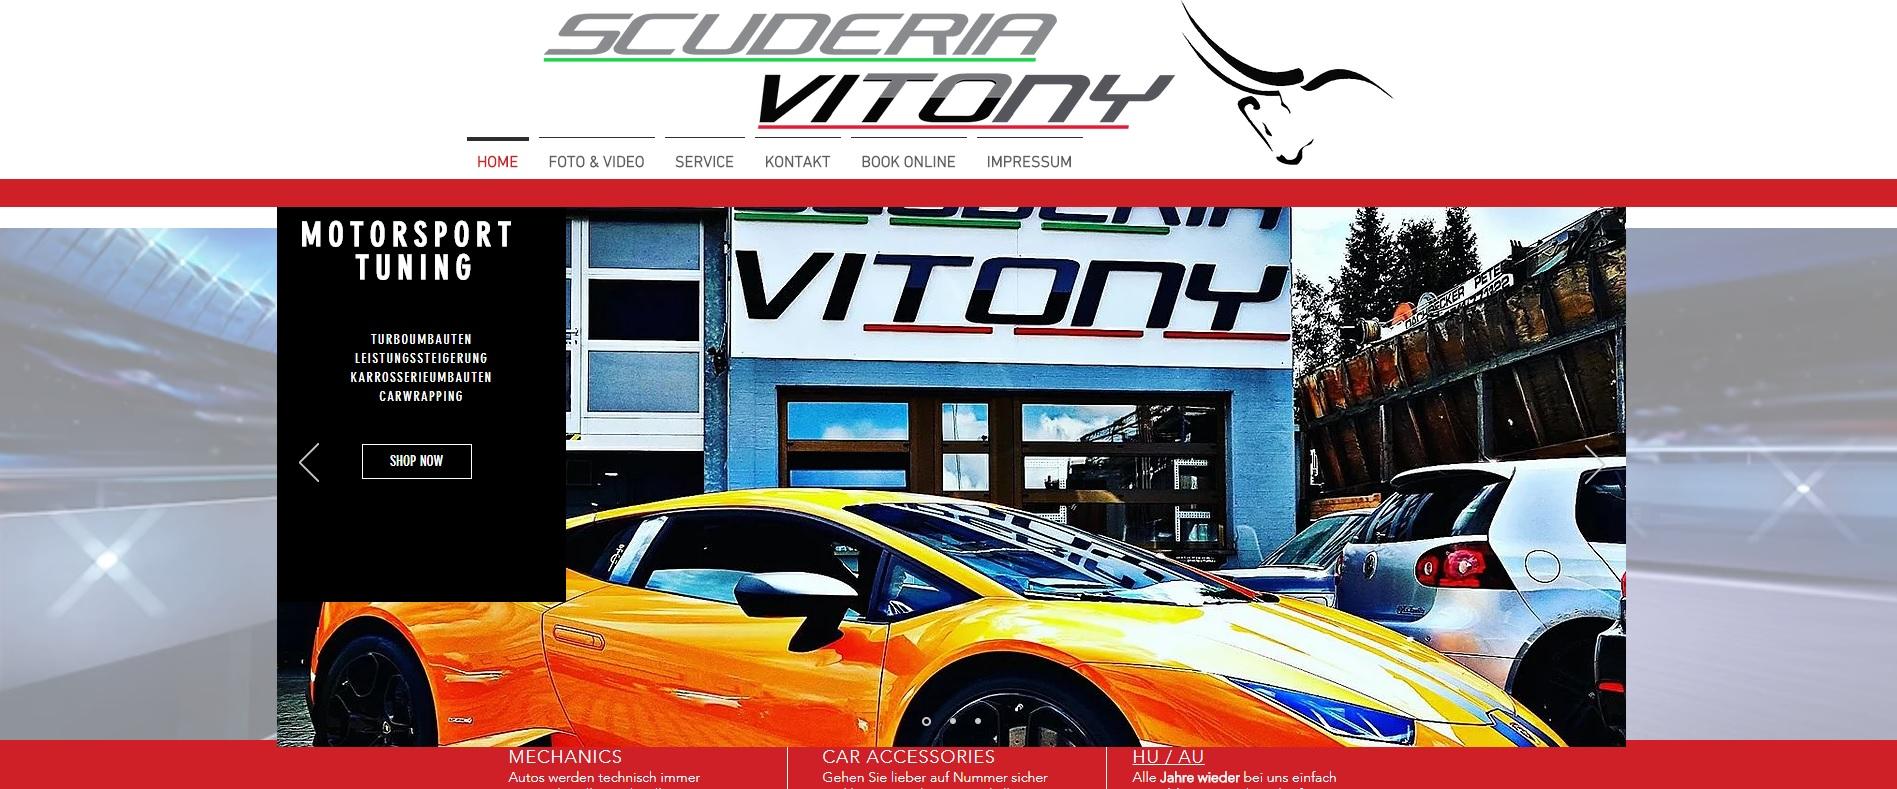 Scuderia Vitony